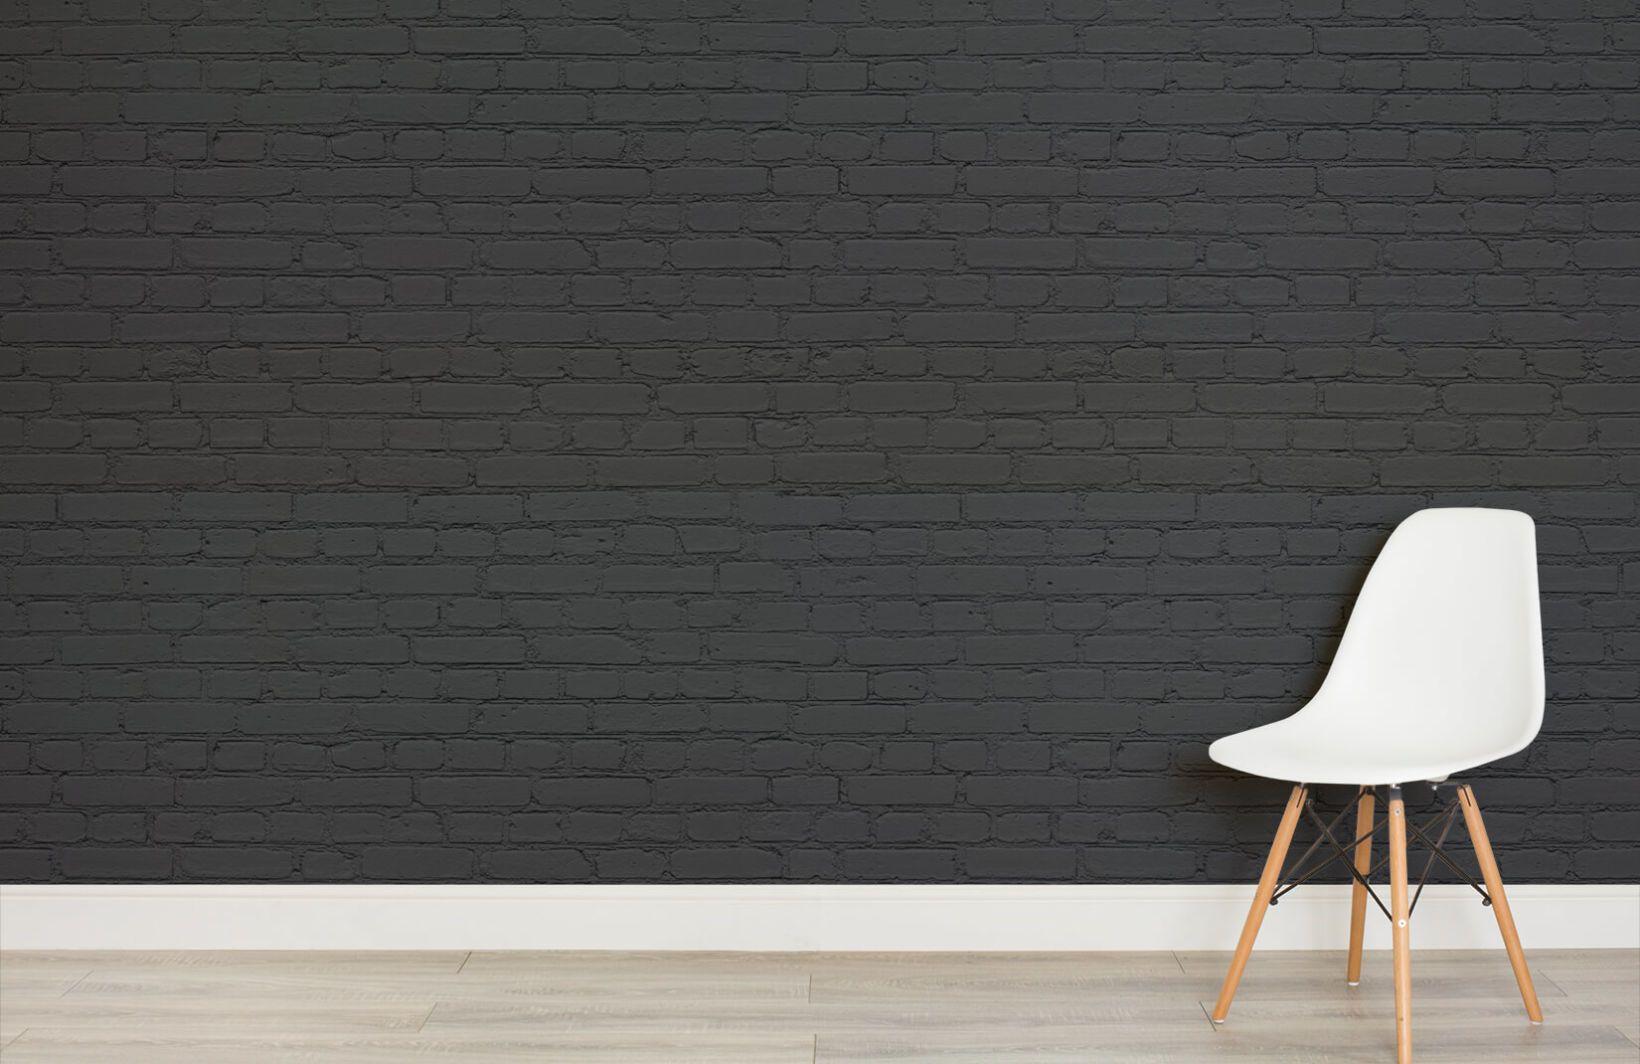 Black Dark Brick Wallpaper Mural Murals Wallpaper B